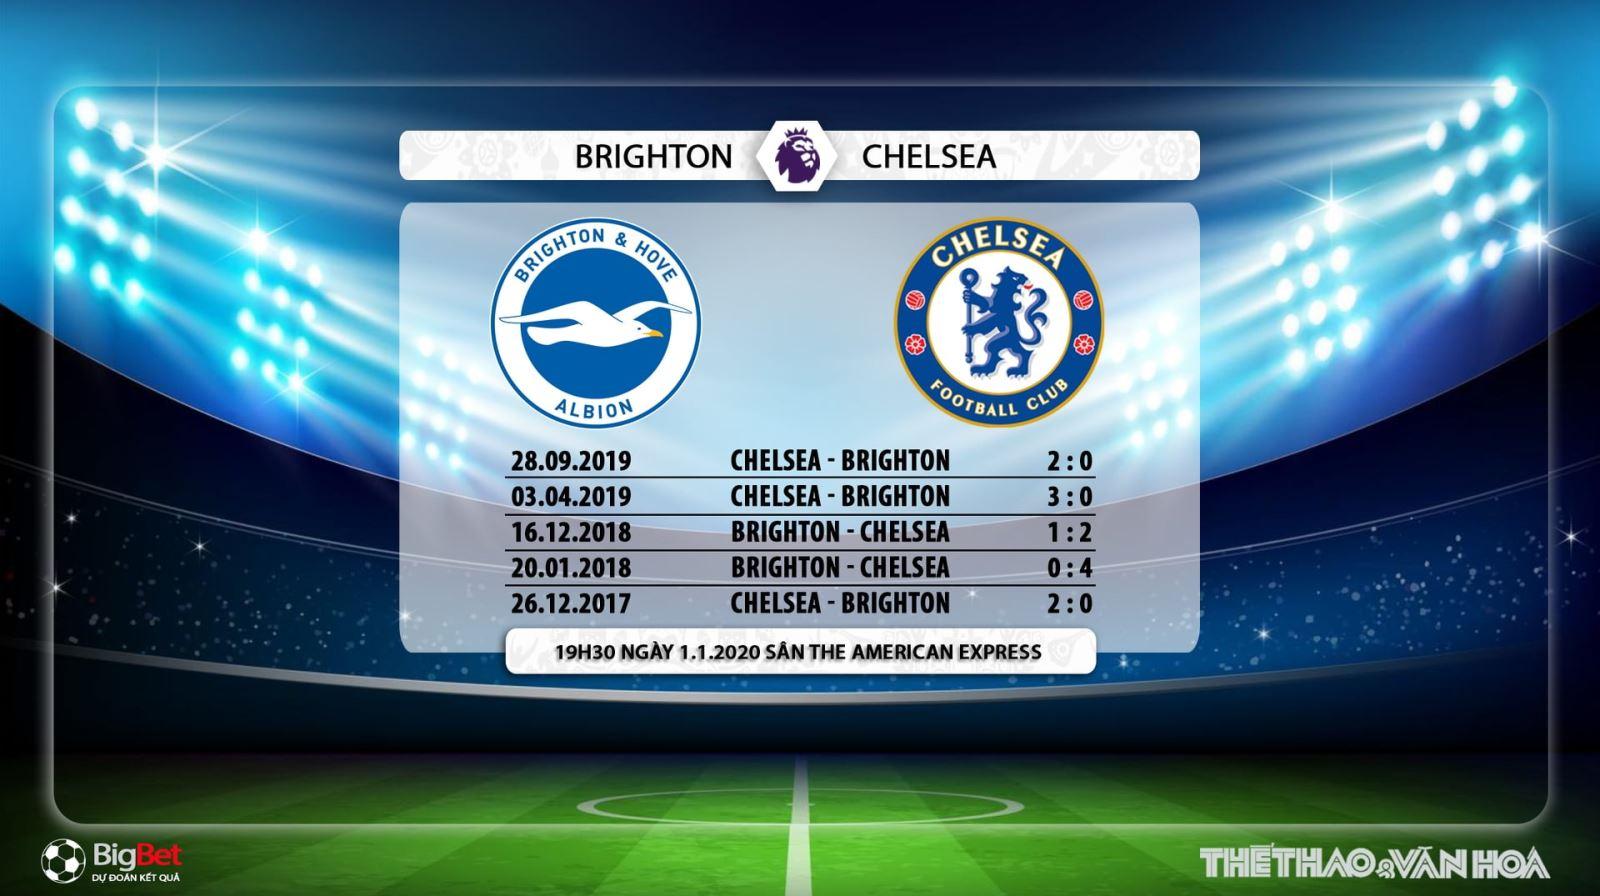 Brighton vs Chelsea, Brighton, Chelsea, nhận định  Brighton vs Chelsea, bóng đá, bong da, dự đoán  Brighton vs Chelsea